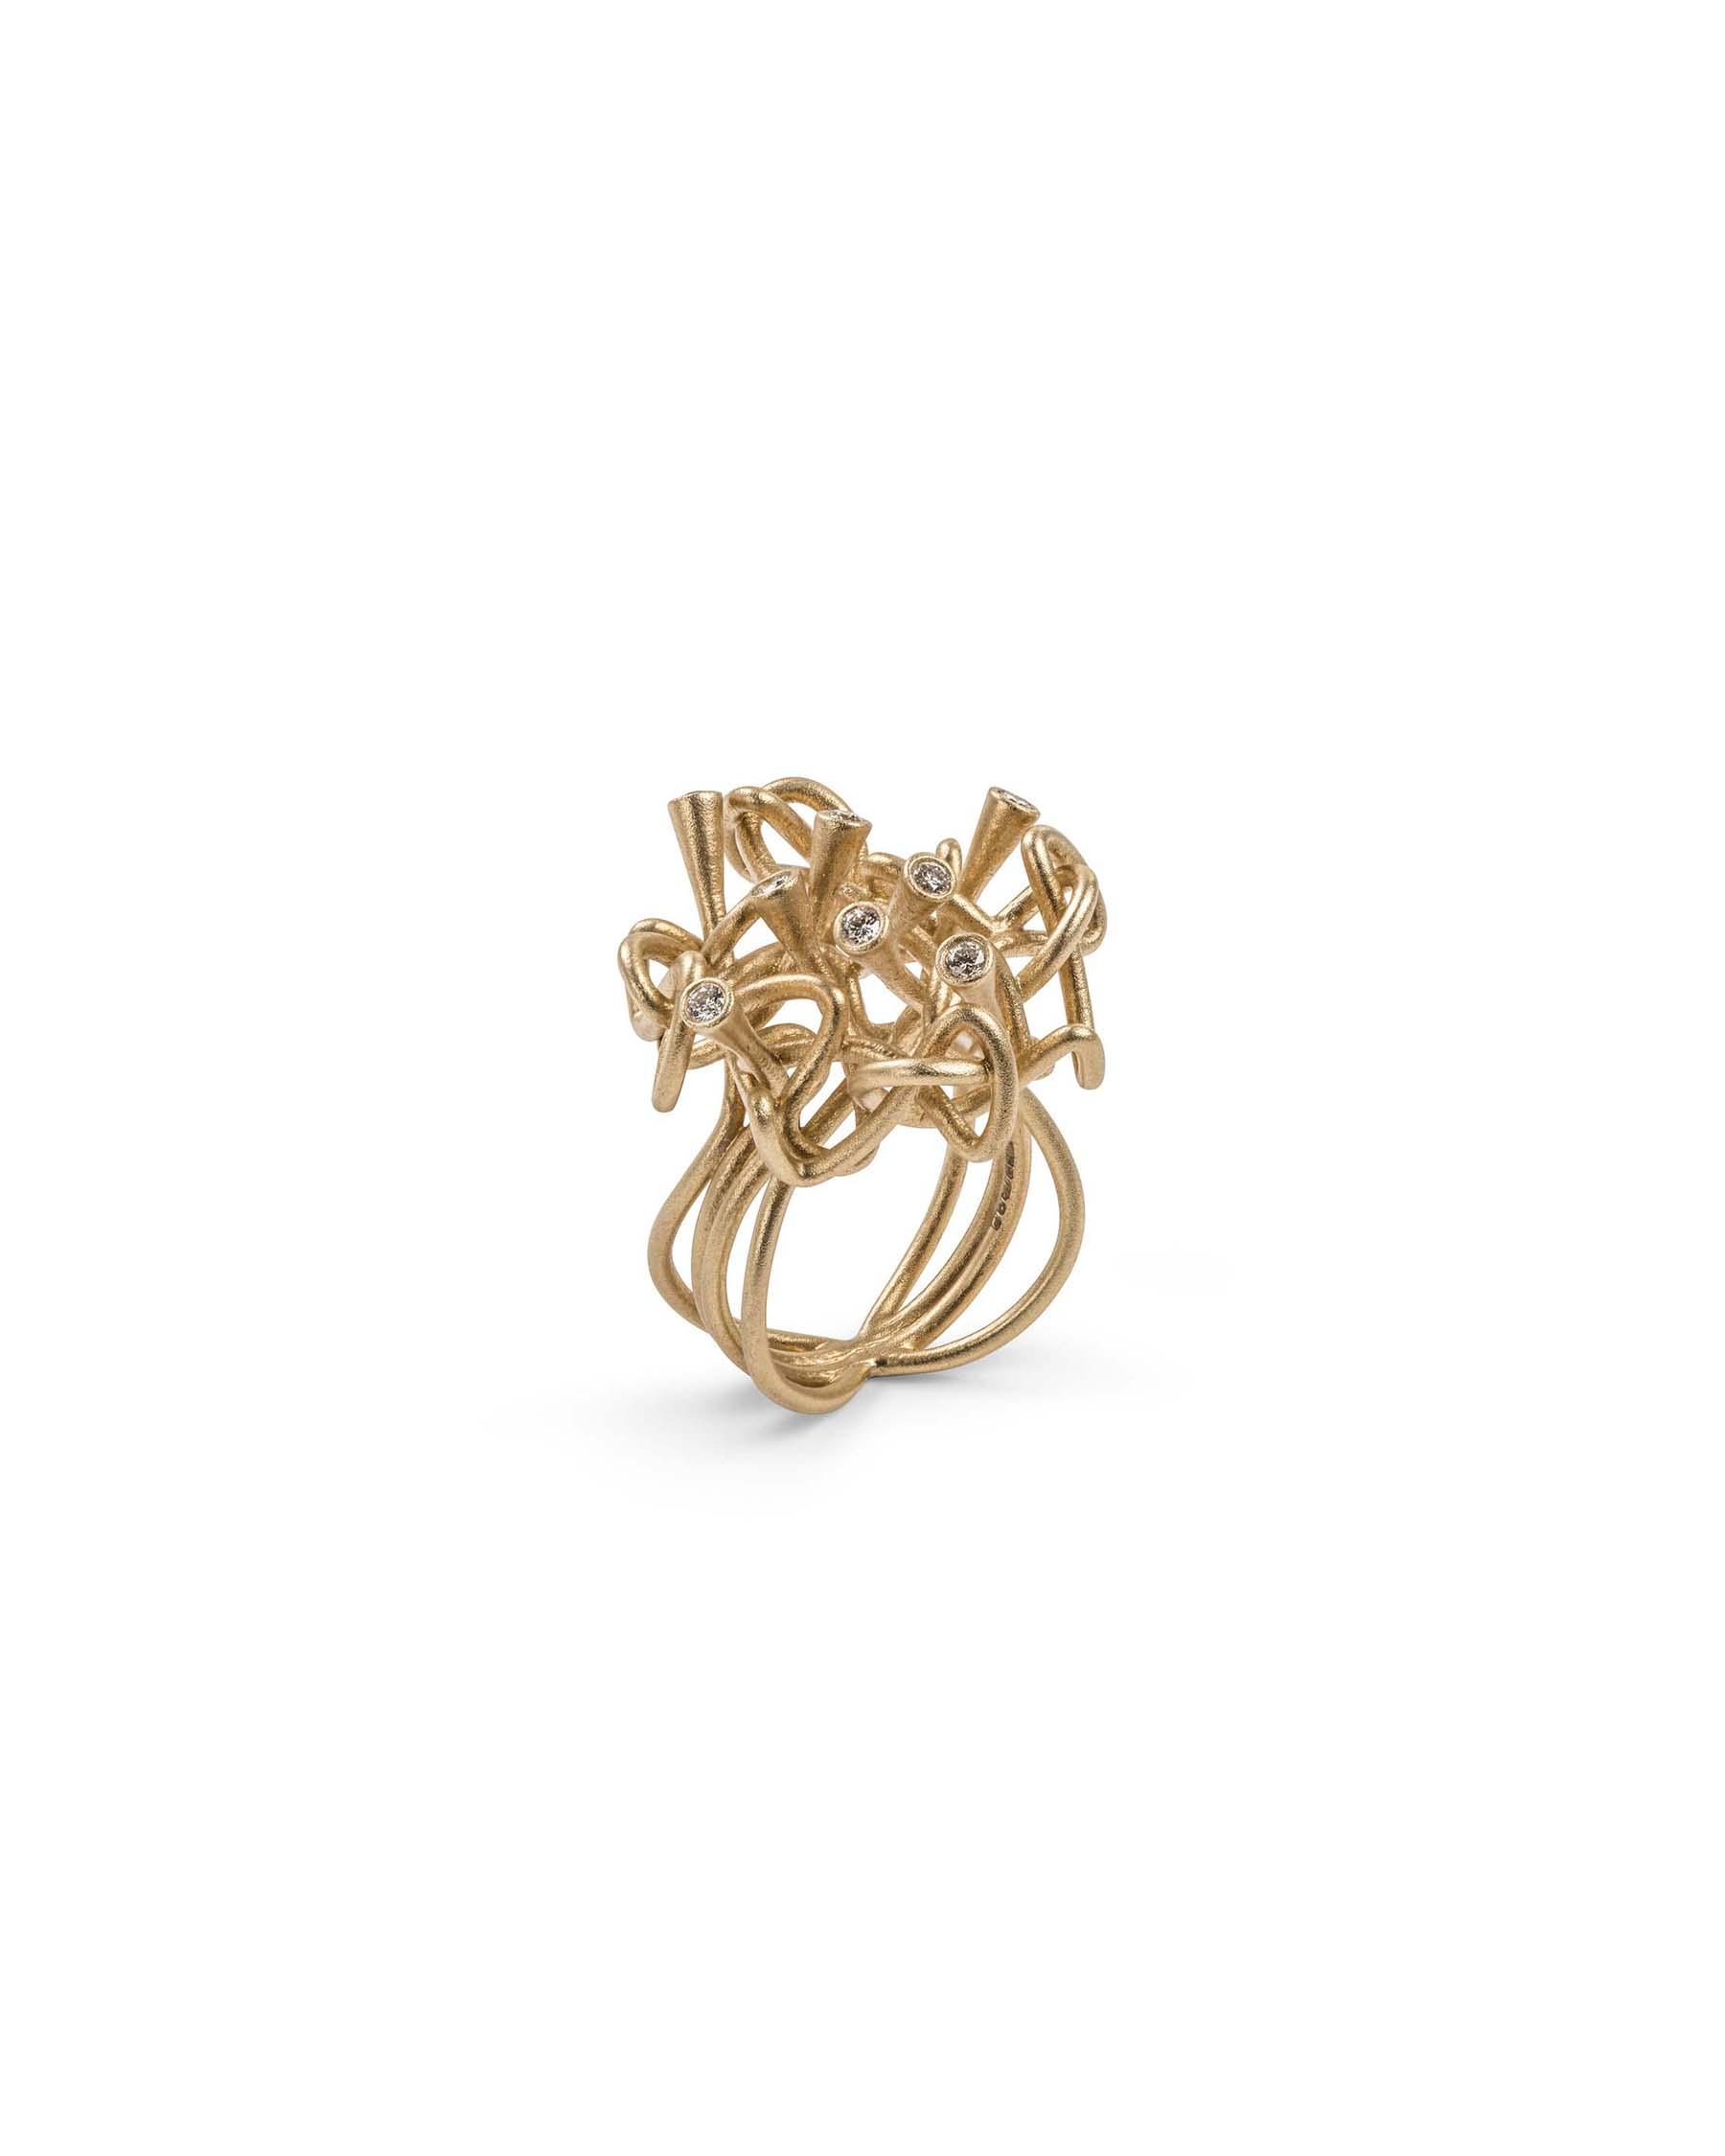 Laura_Bangert_Diamond_knot_ring.jpg